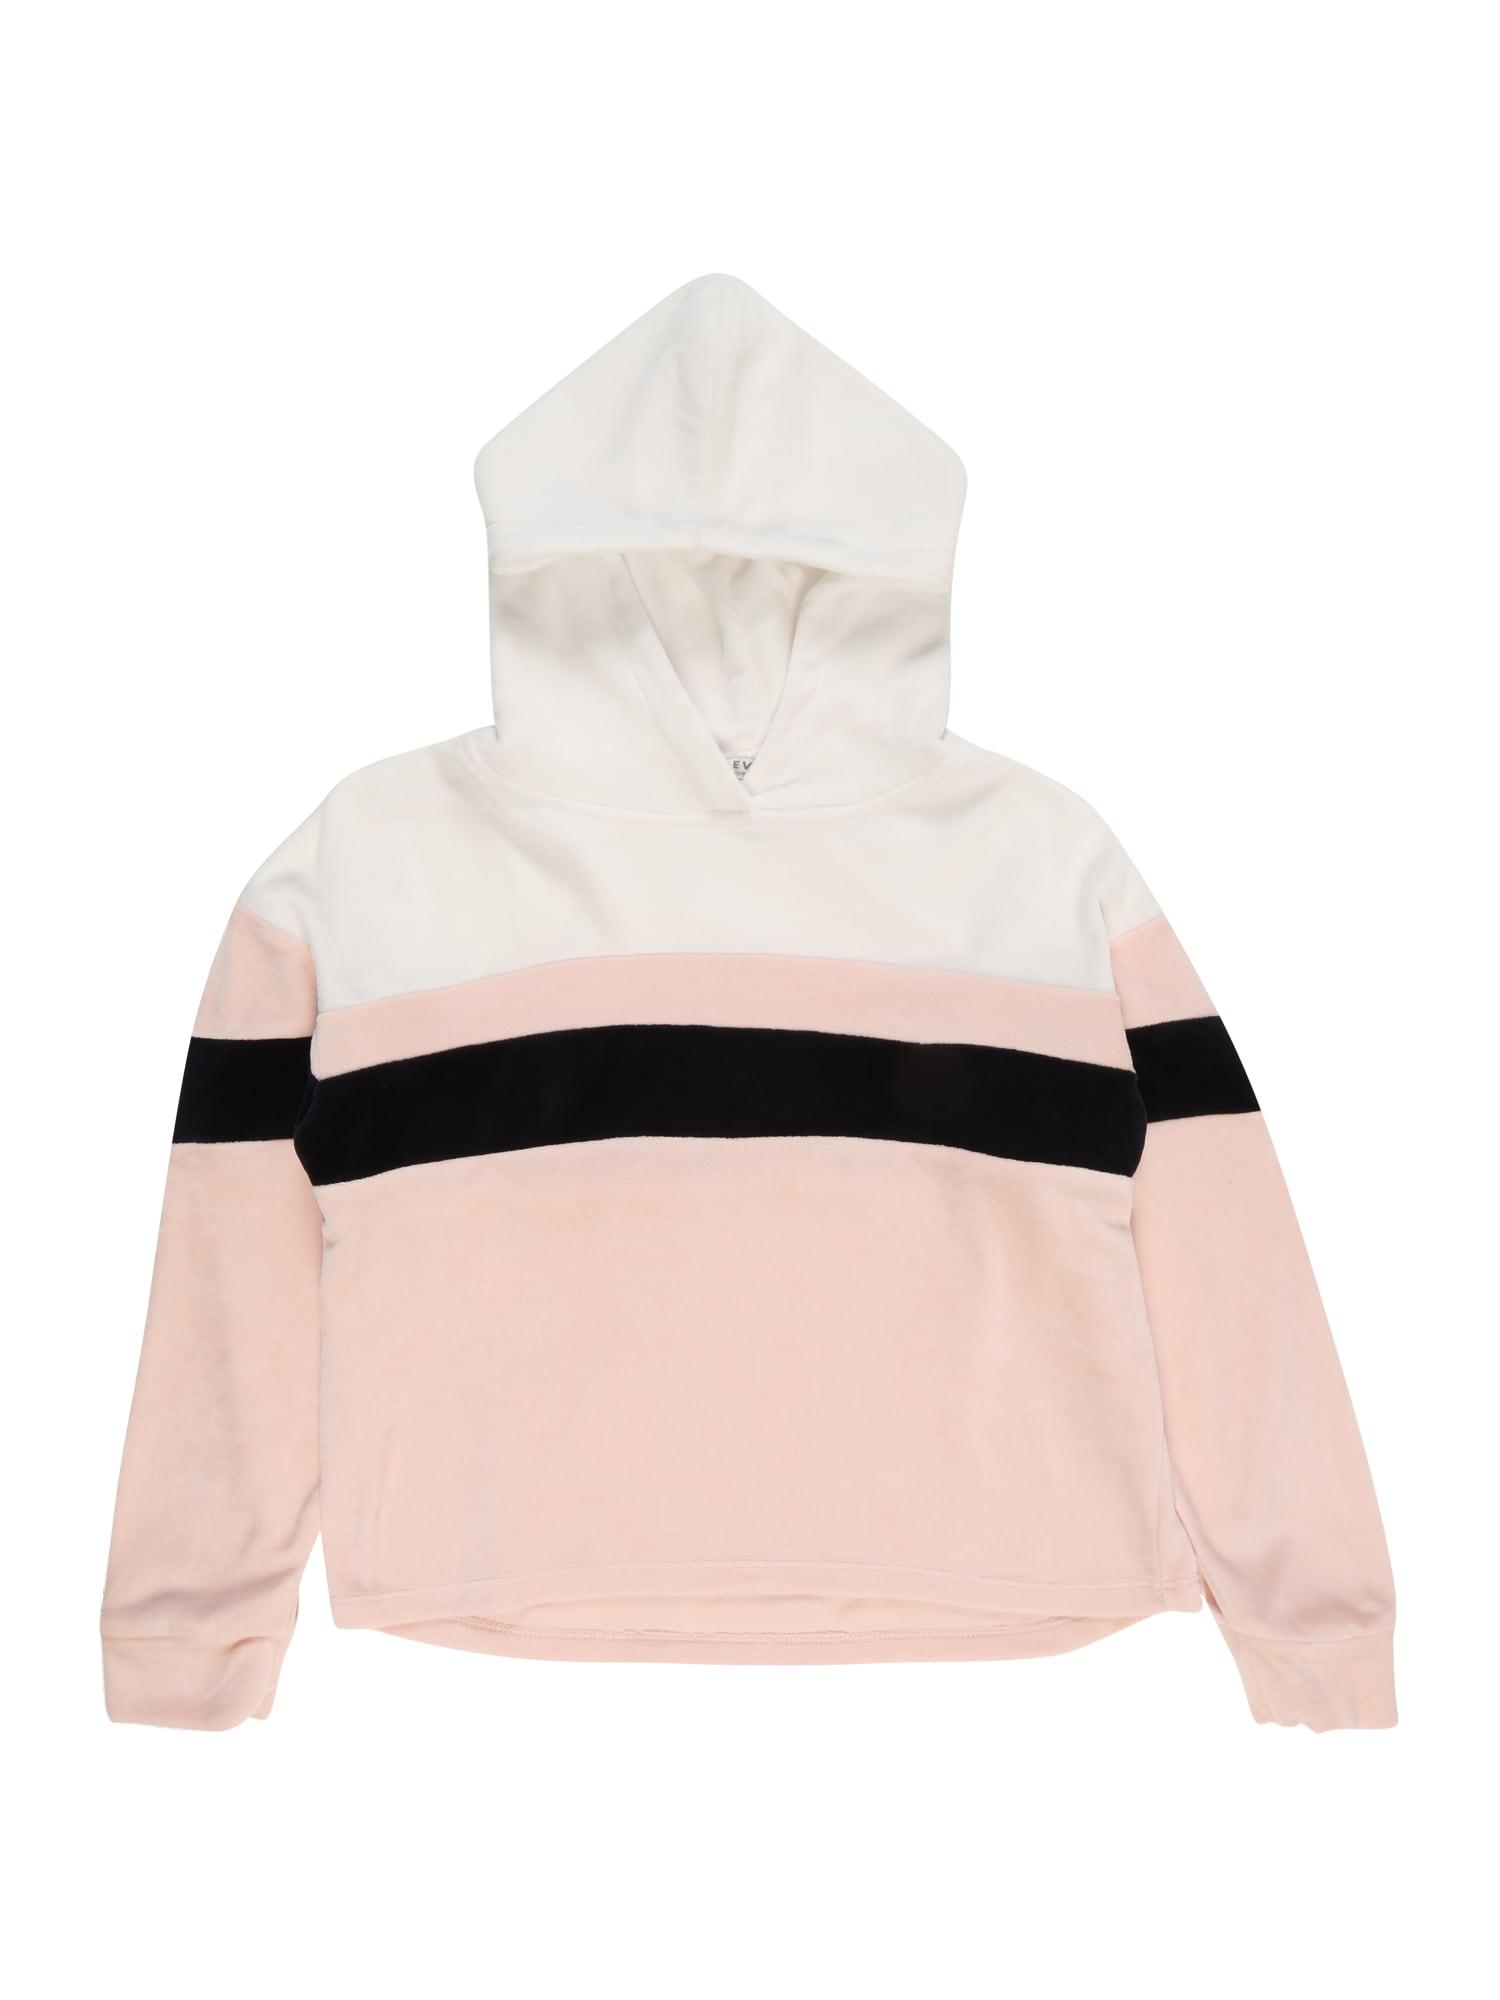 Mikina TG-19-S100 růžová černá bílá REVIEW FOR TEENS